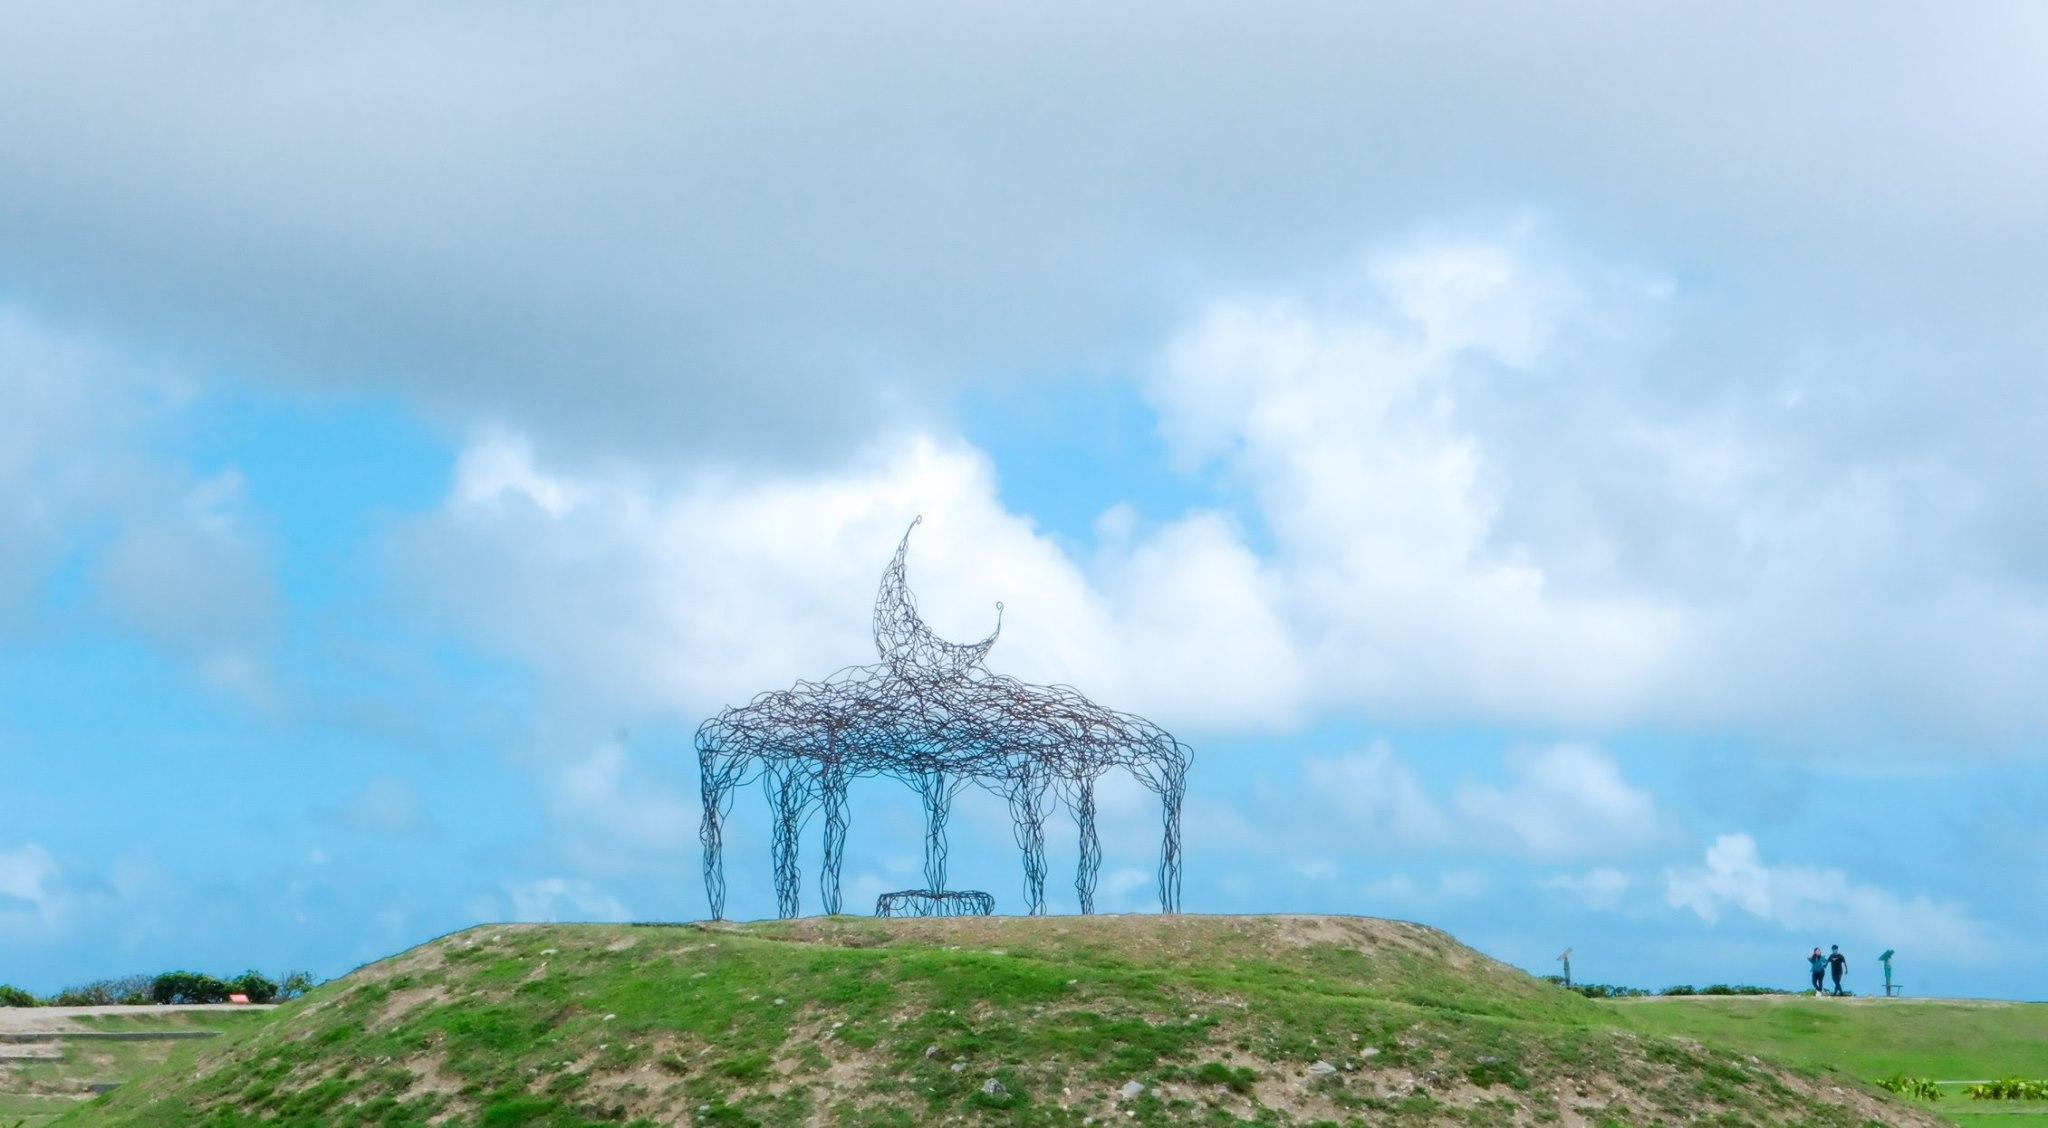 東海岸最美的眼睛。月亮住在海裡|台東加路蘭遊憩區最新藝術裝置